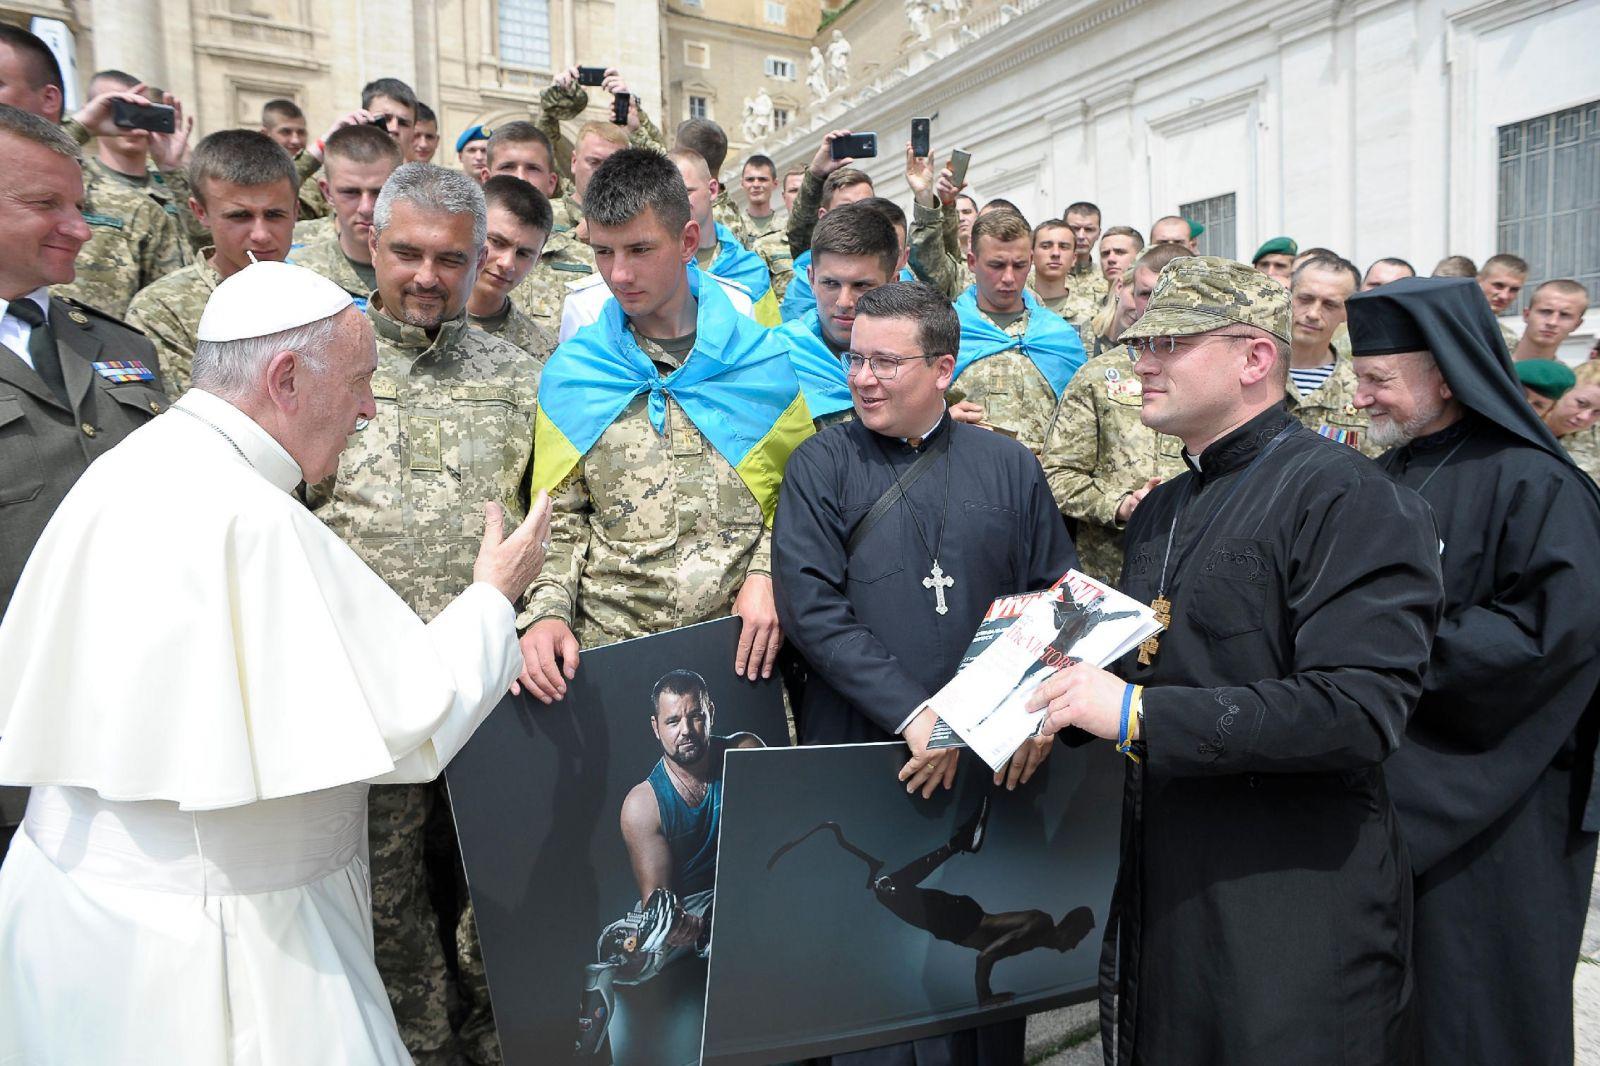 Папа Римский с журналом Viva! Переможці в руках